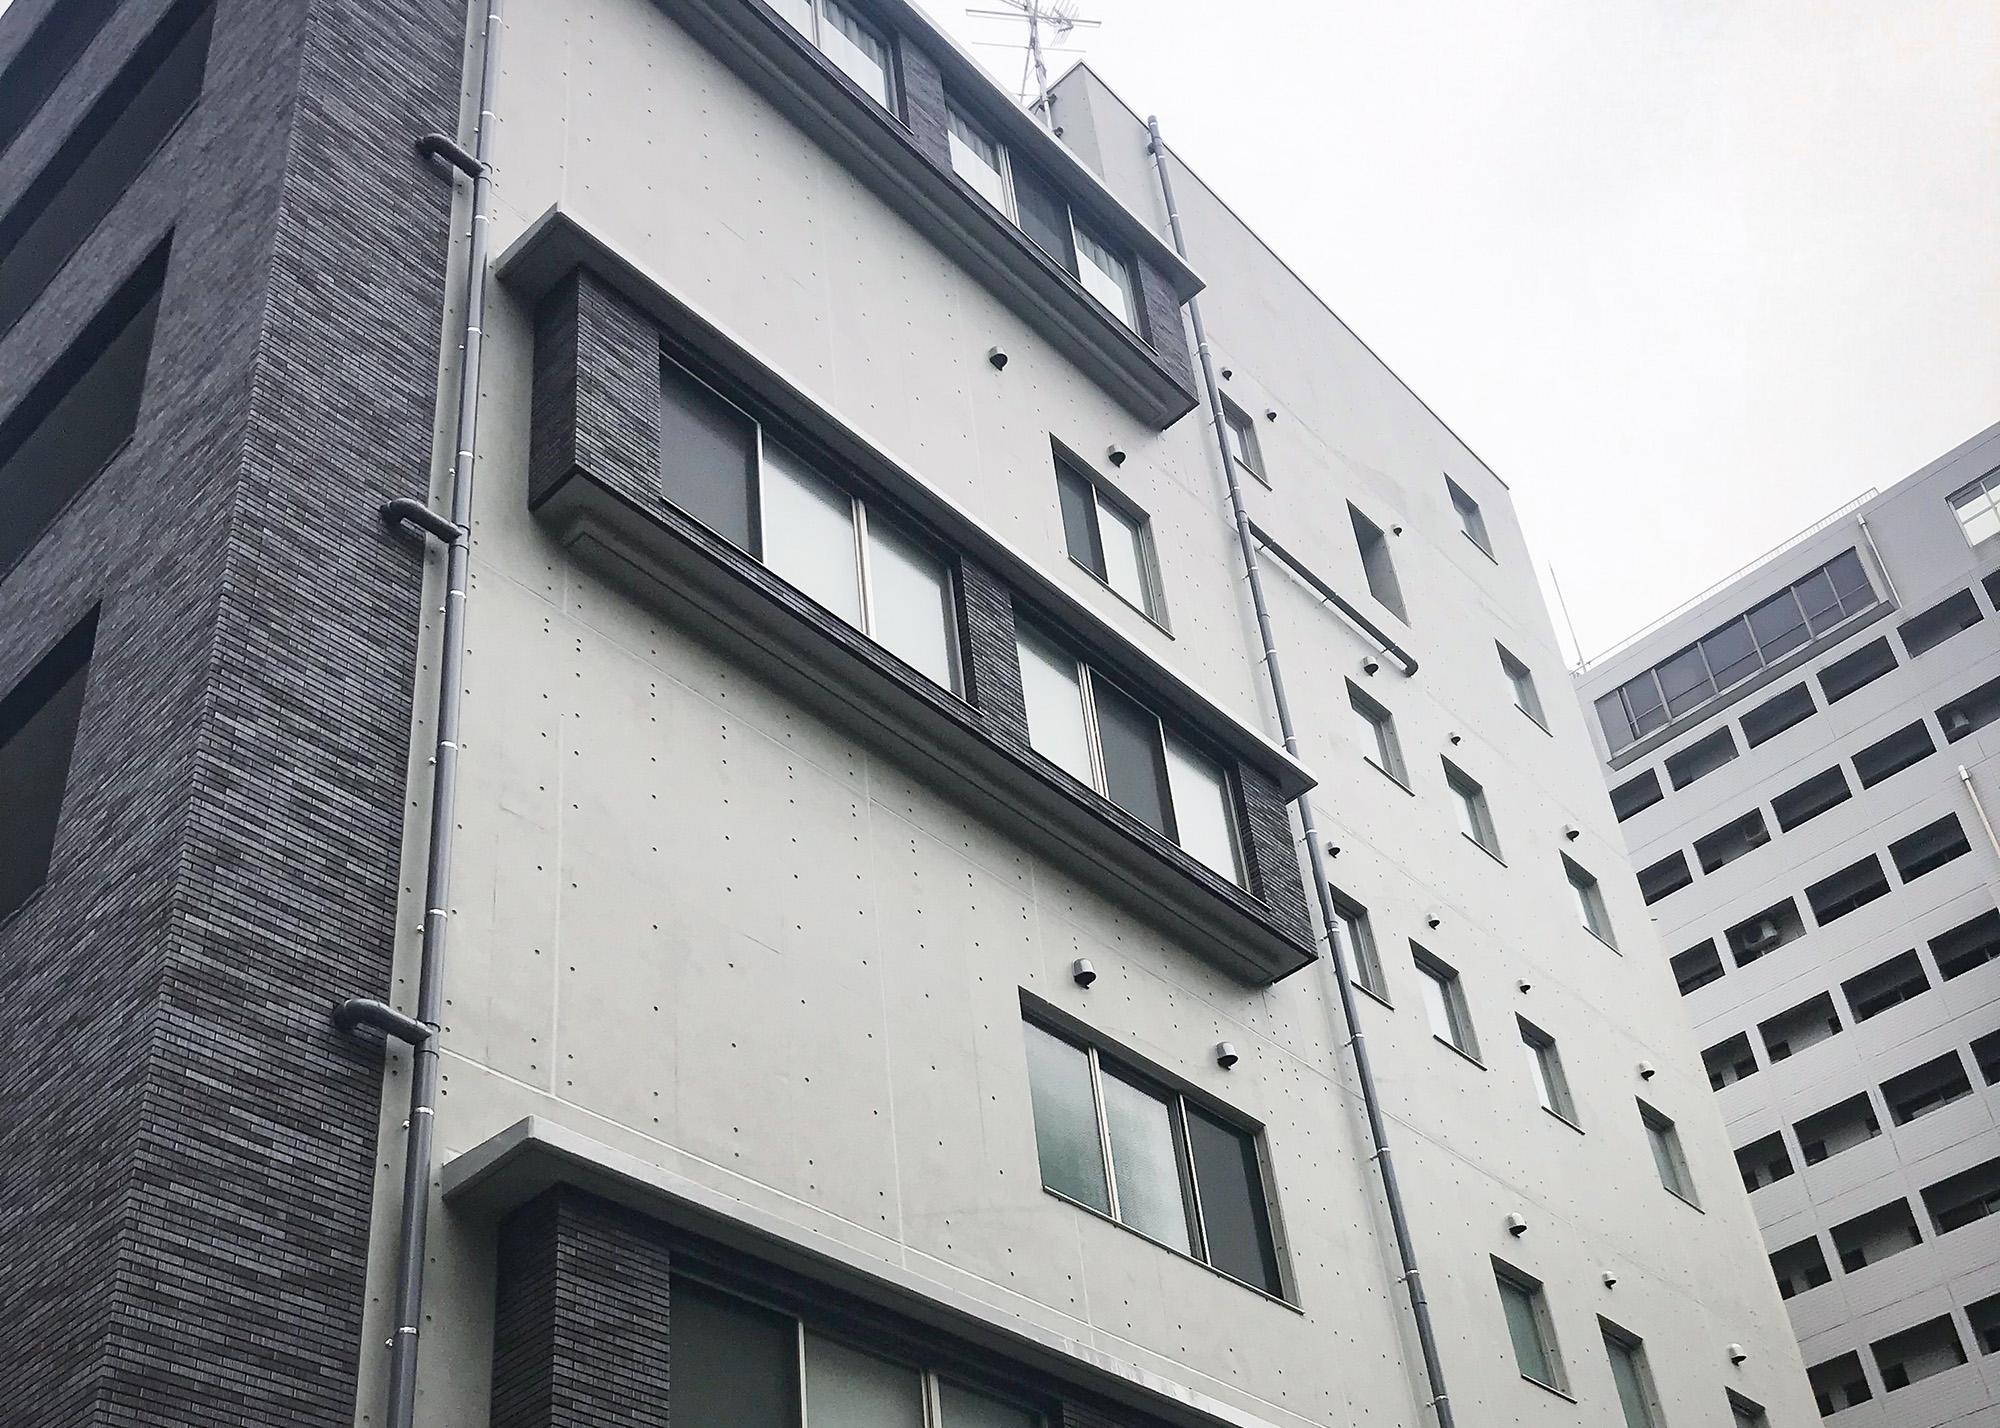 大阪府警察署本部 島之内別館